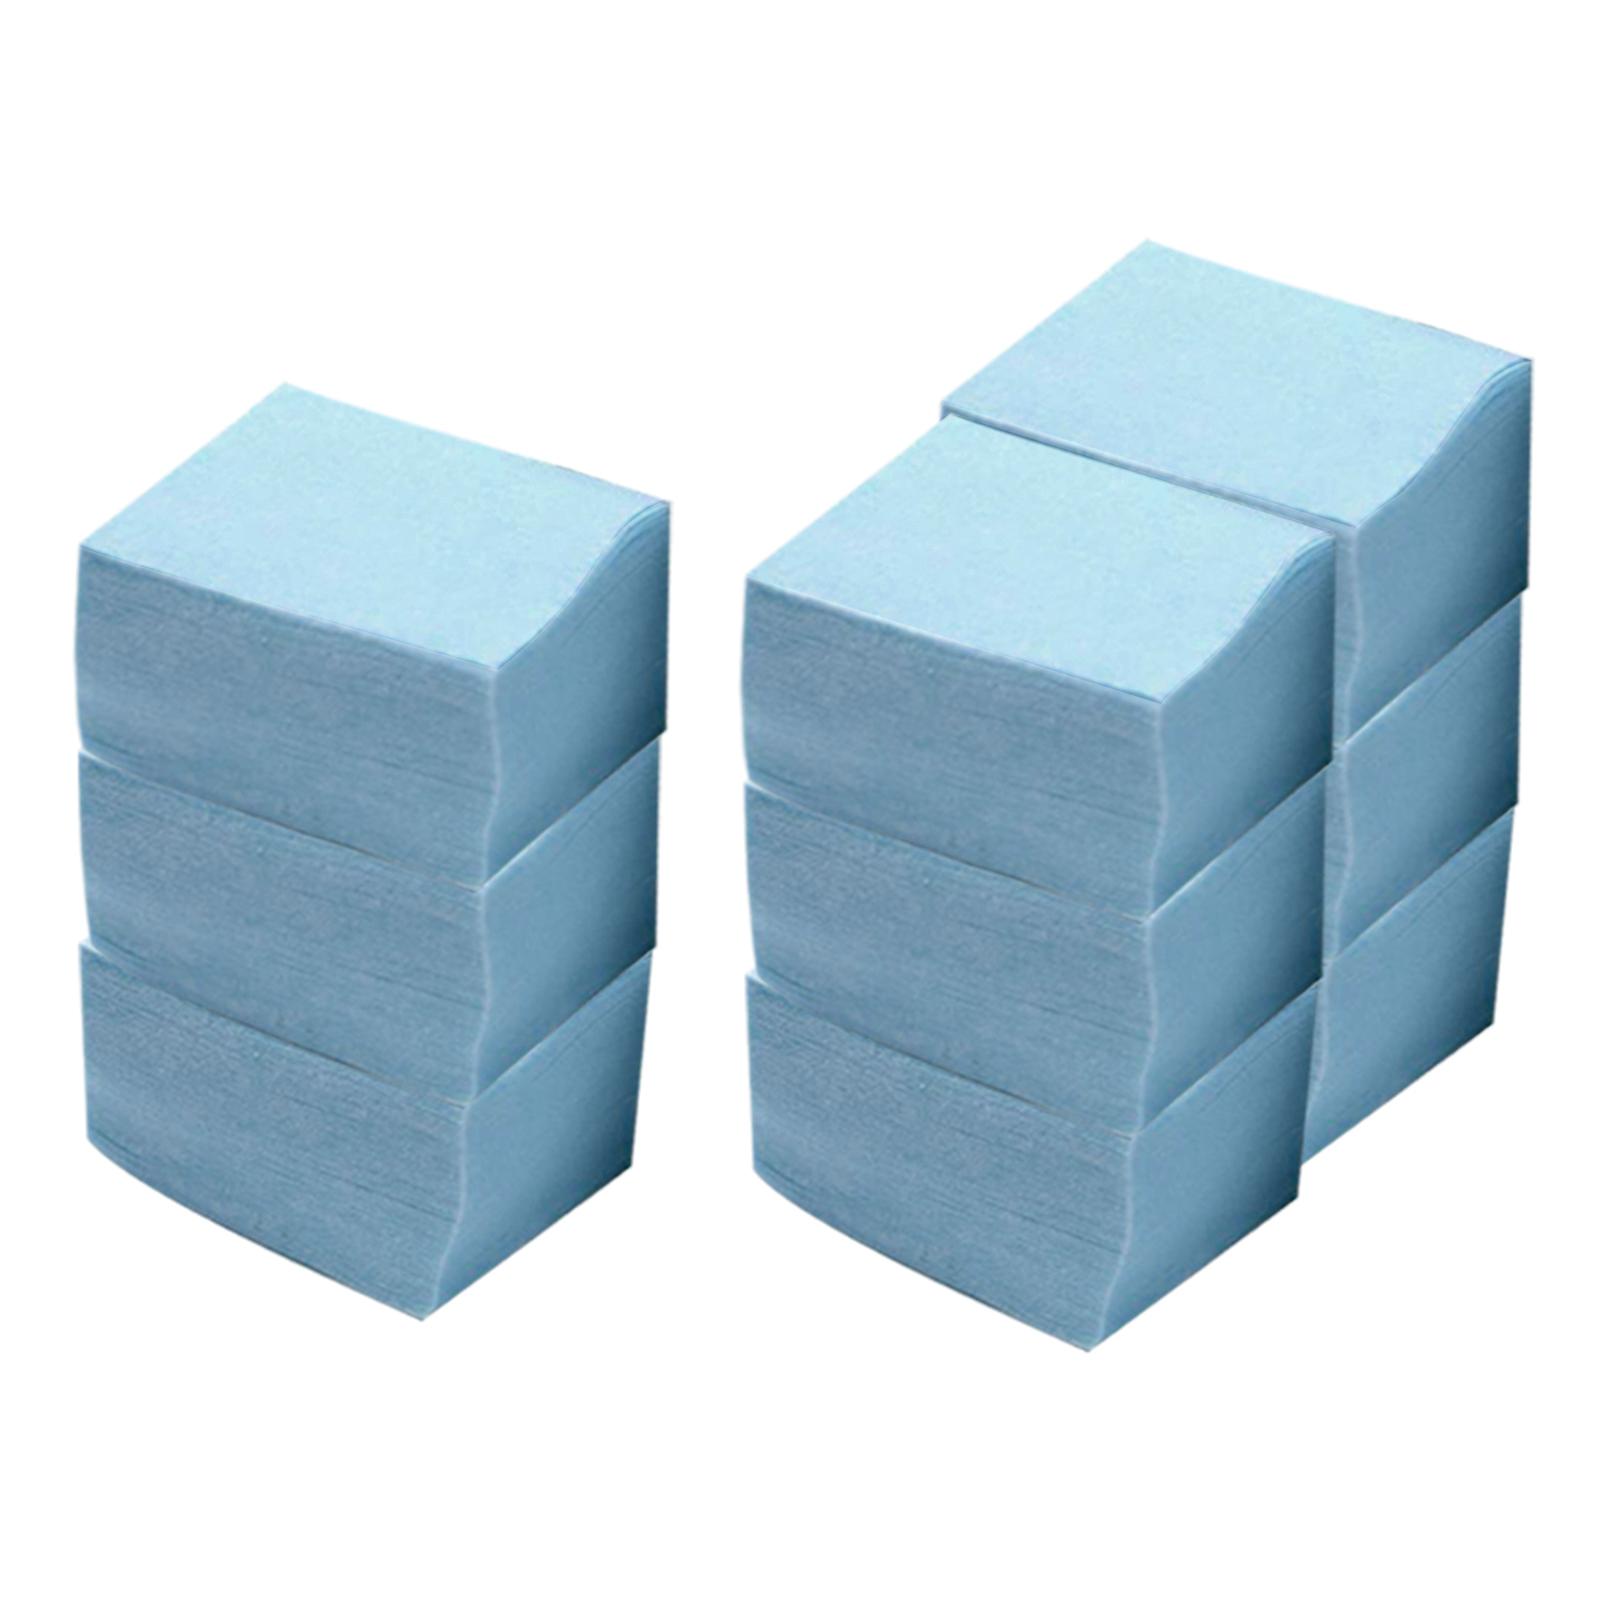 Cuscini-di-carta-privi-di-pelucchi-senza-pelucchi-per-smalto-acrilico-600x miniatura 3